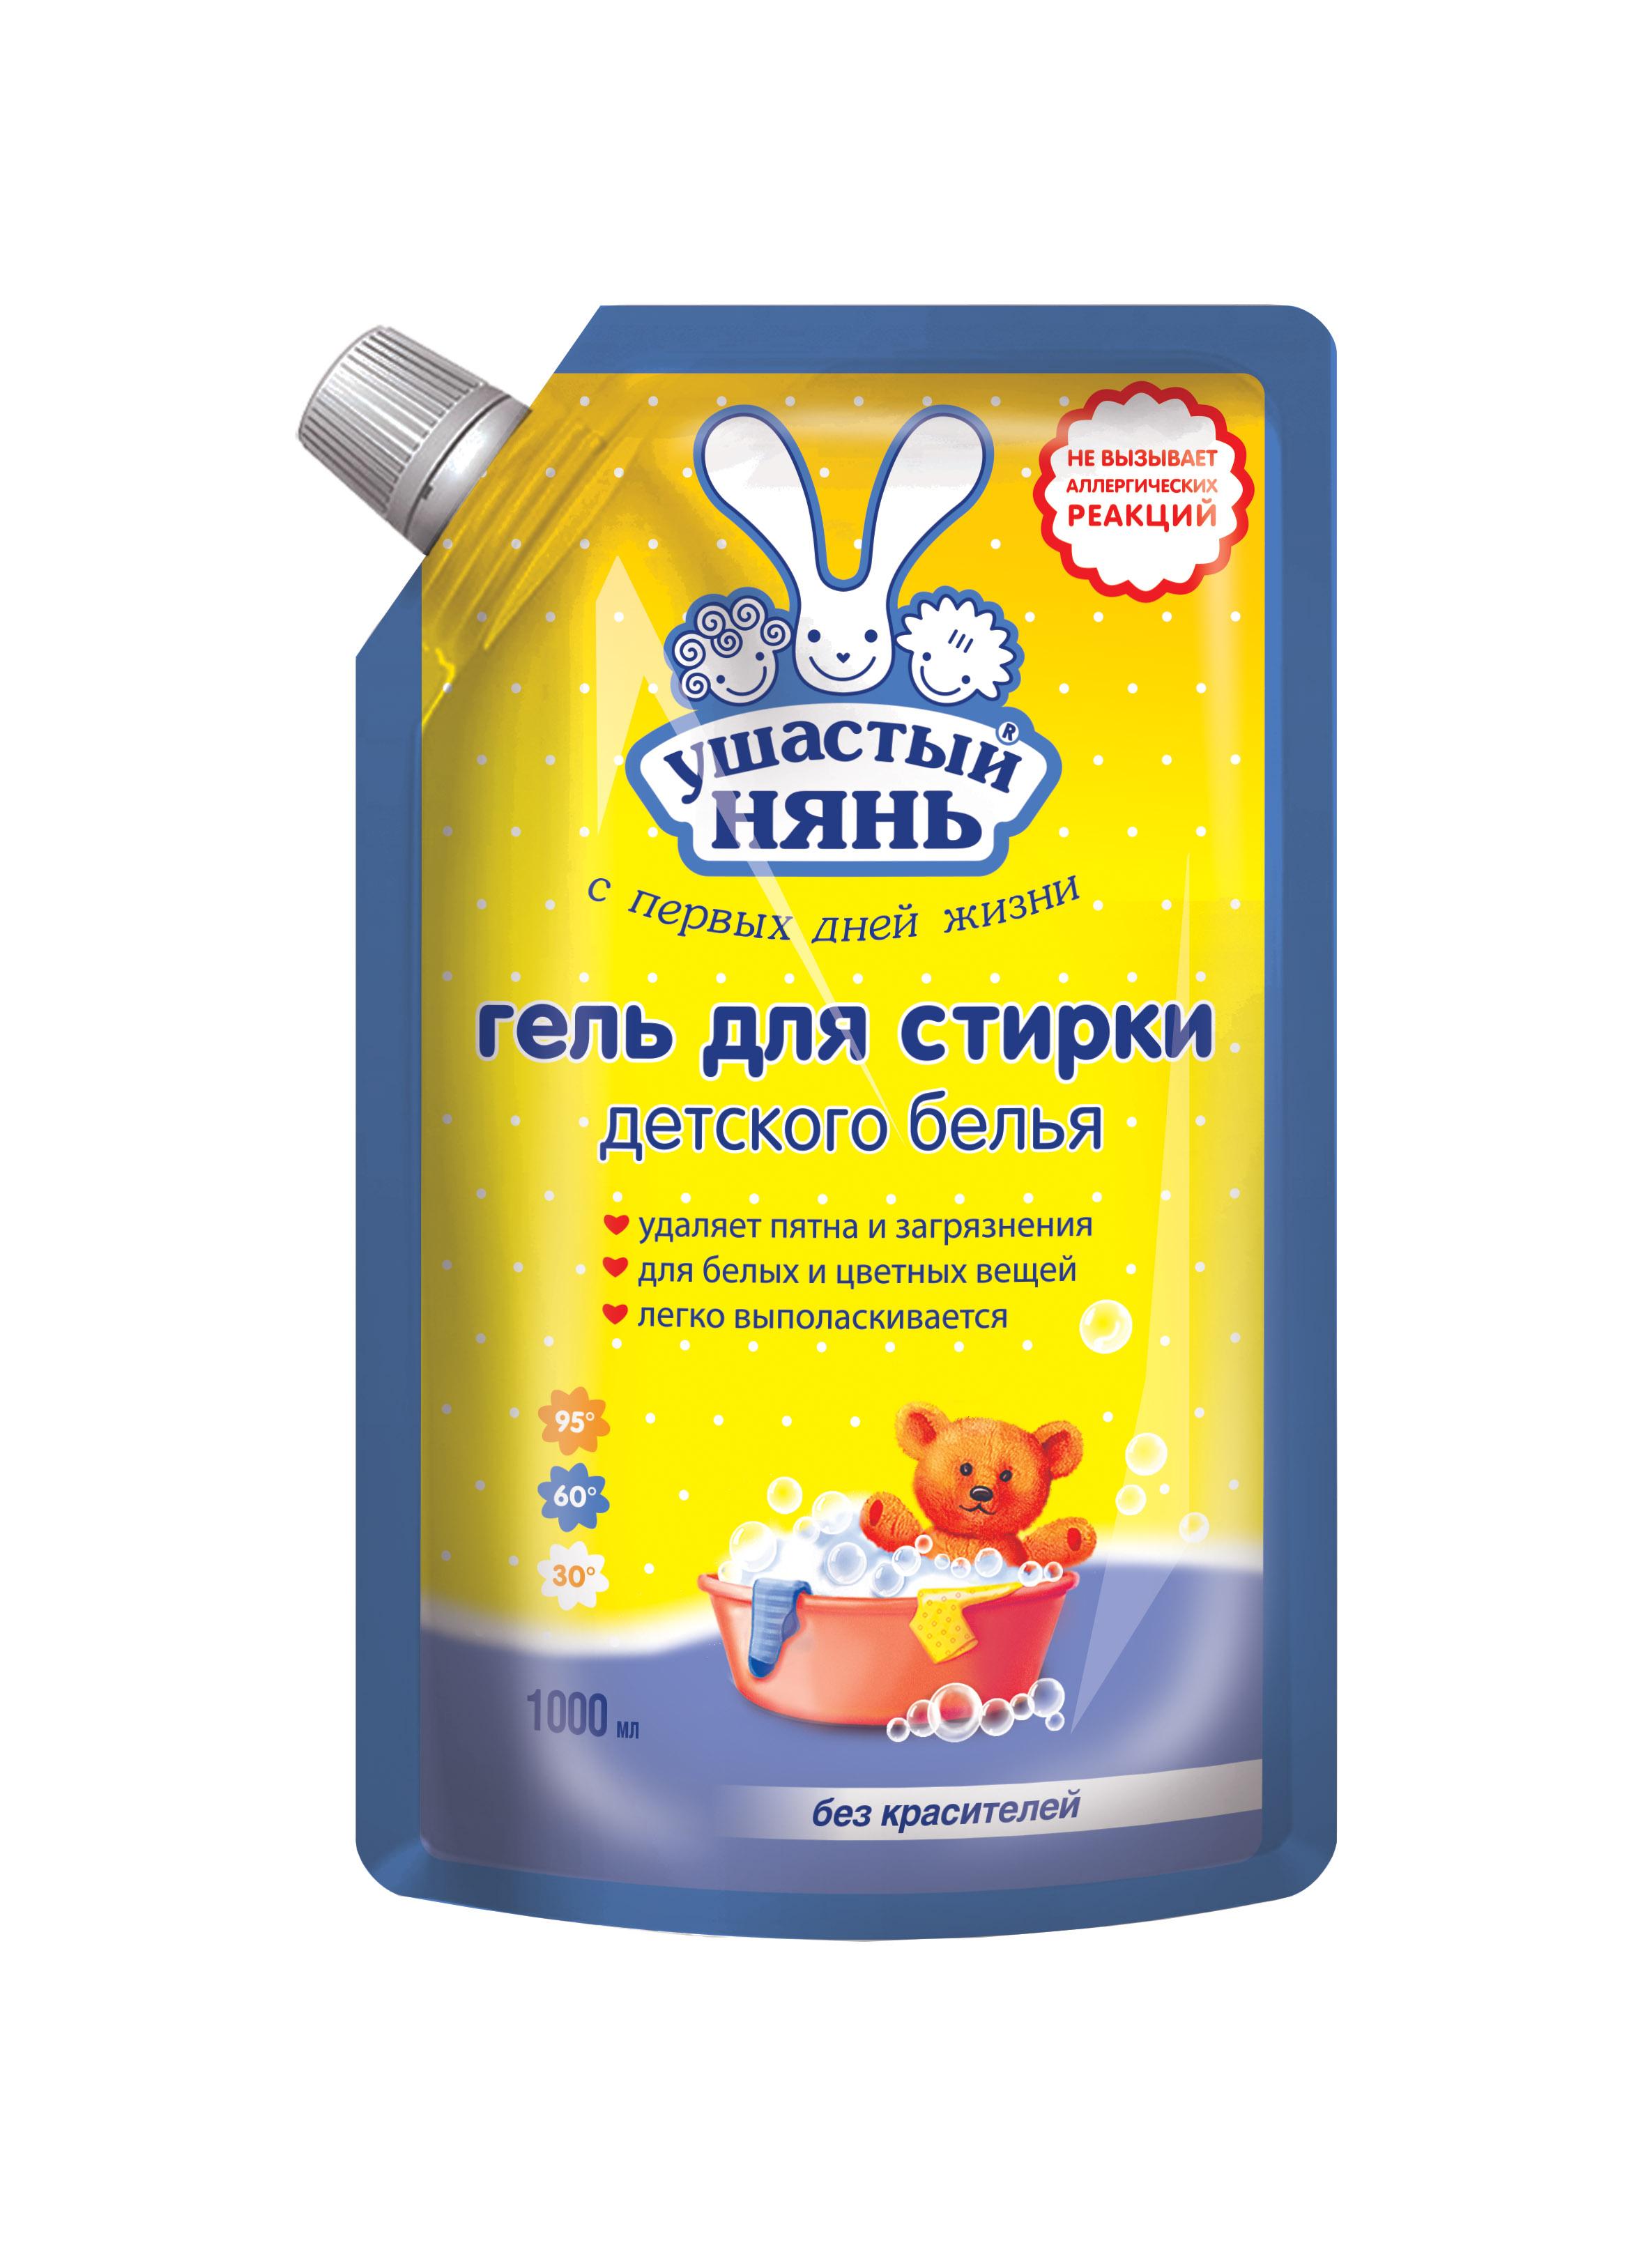 Жидкое средство для стирки детского белья Ушастый